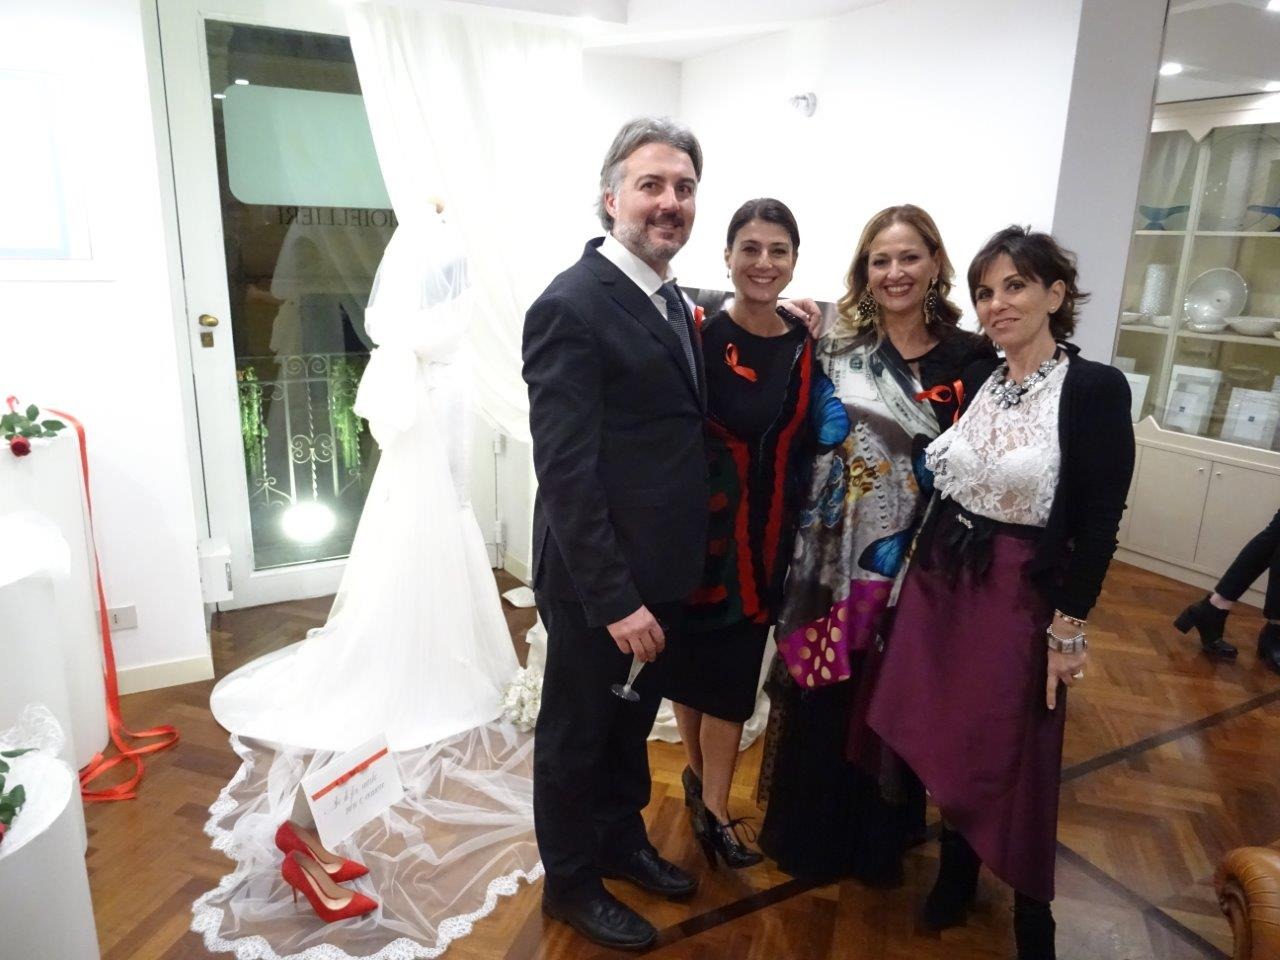 Cristian Cipolla, Manuela Monaco, Loredana Giliberto, Vivia Cascio